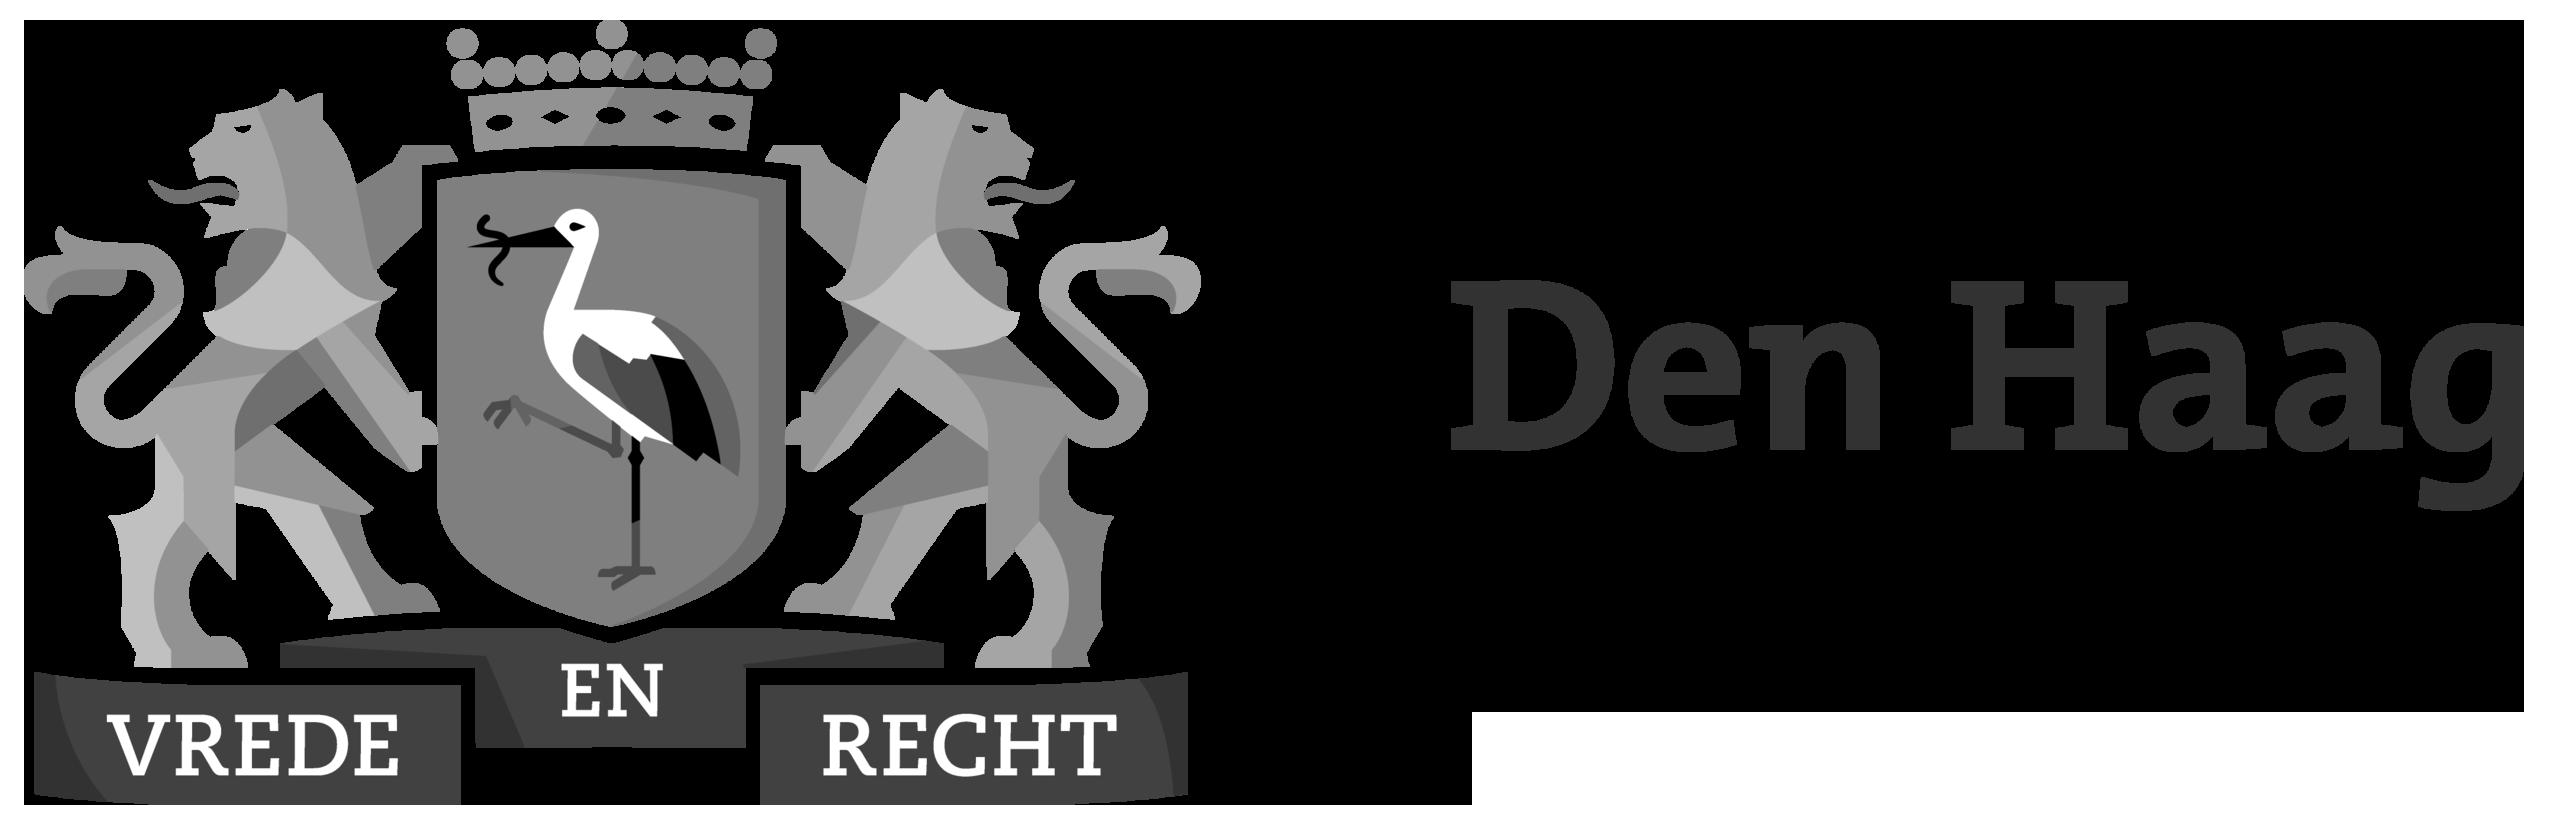 den haag logo